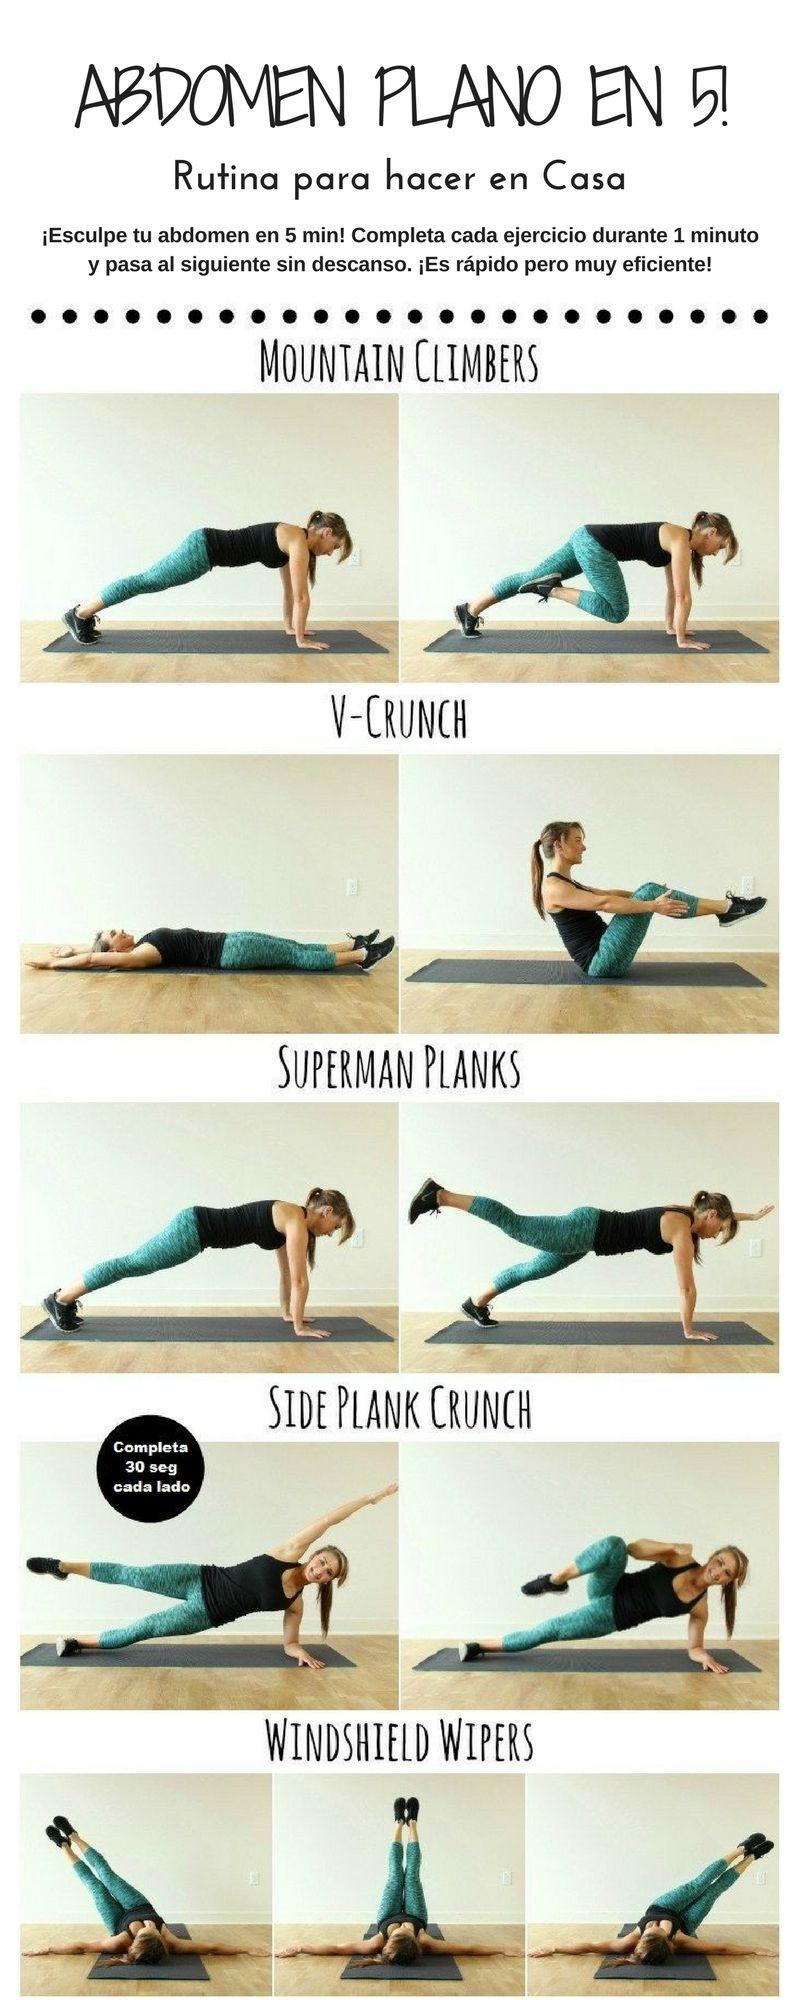 rutina de ejercicios en casa abdomen plano